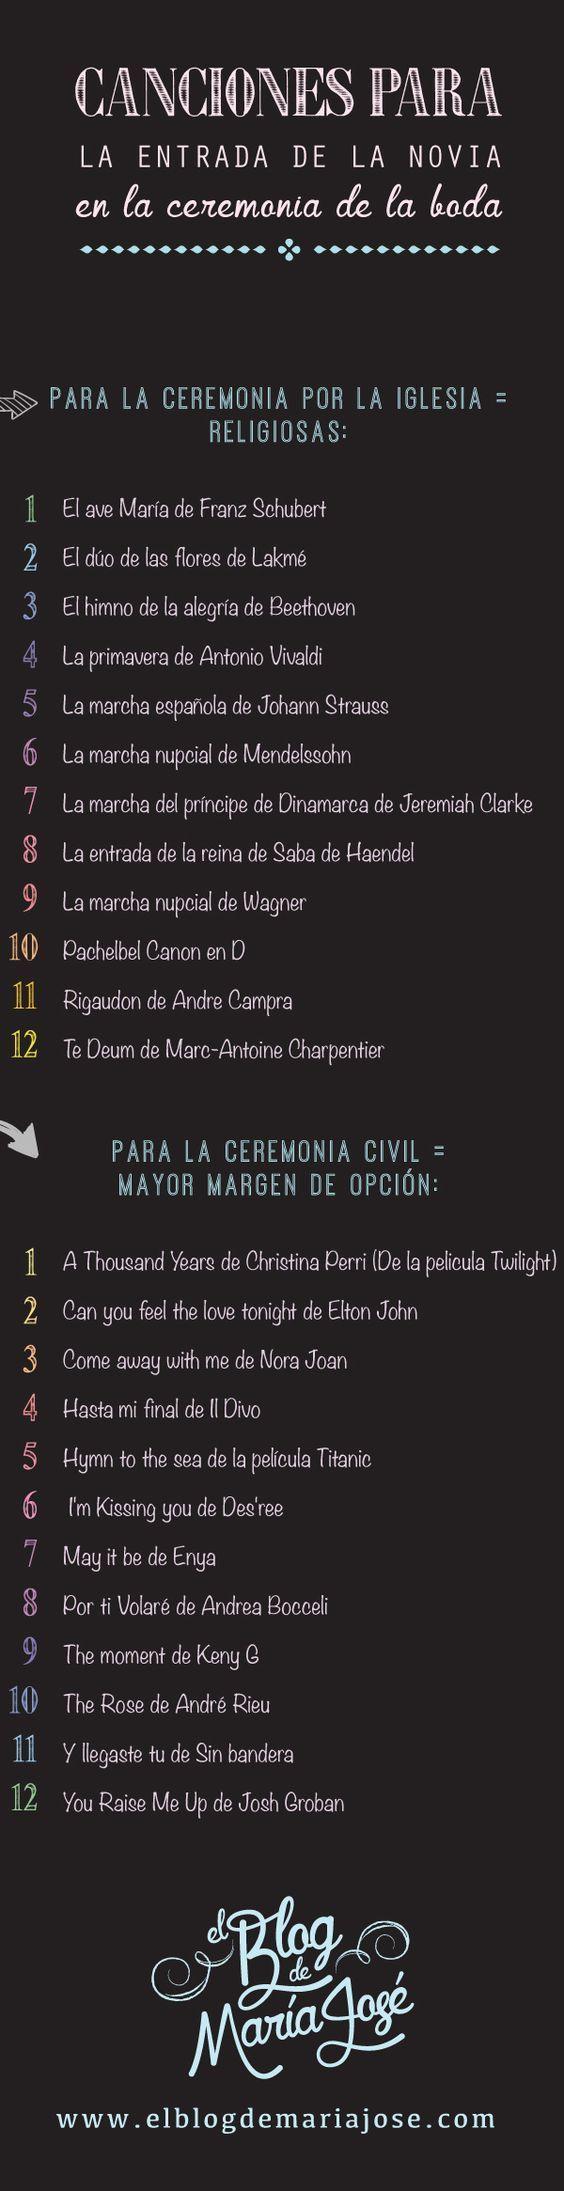 Canciones para la entrada de la novia en la ceremonia de la boda – #boda #Cancio…